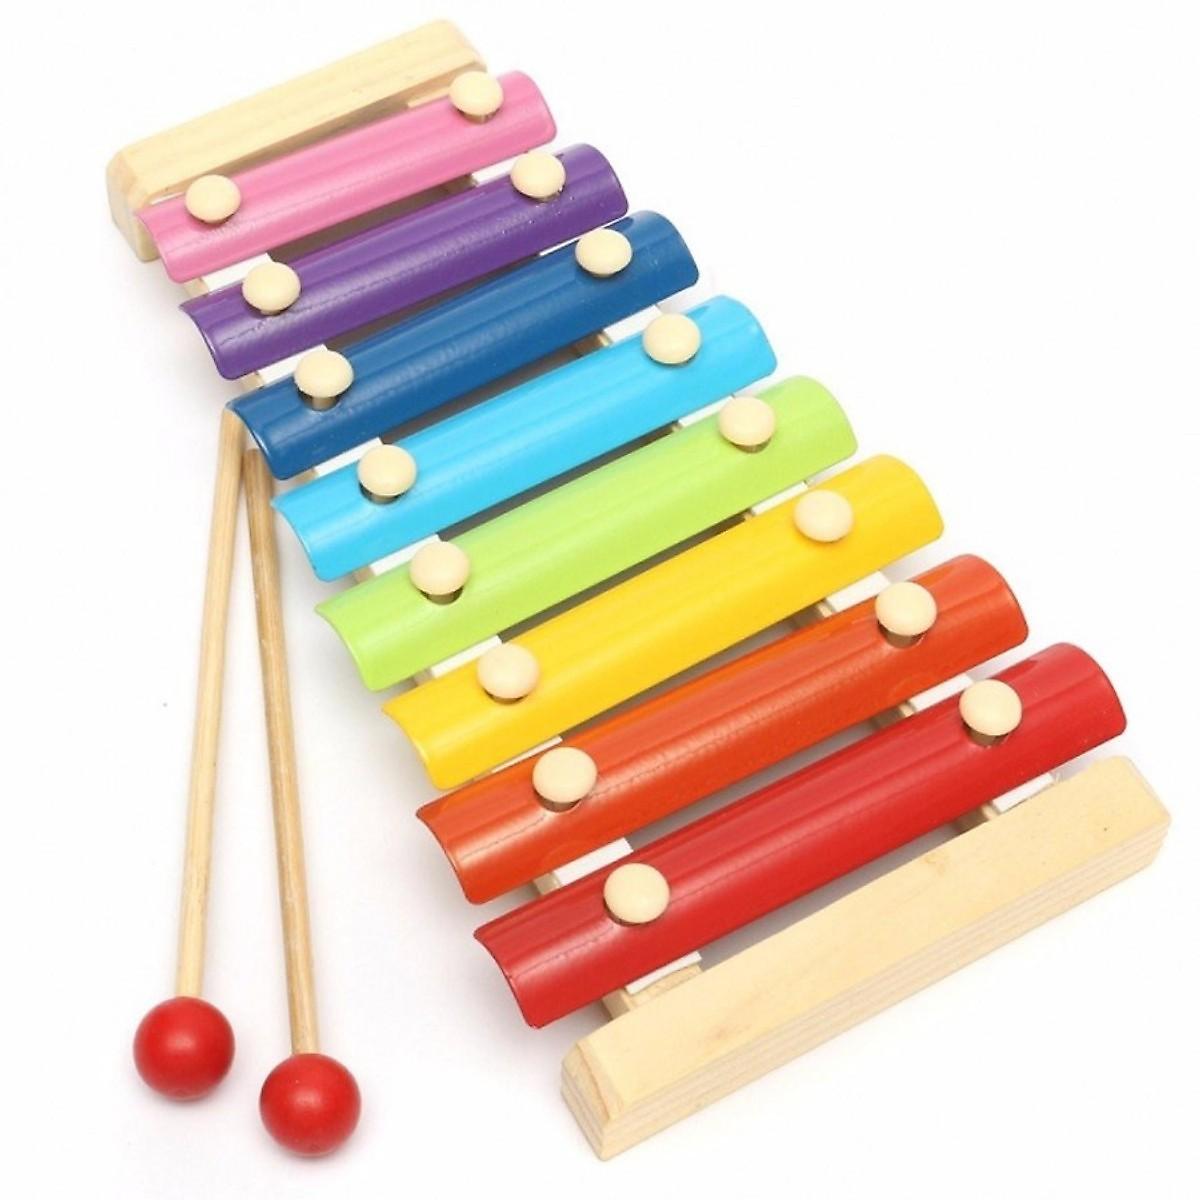 Combo 6 món đồ chơi gỗ phát triển trí tuệ SM (đàn gỗ 8 thanh, bảng chữ cái, hươu cao cổ, cá sấu, thả hình 4 trụ, tháp cầu vồng)